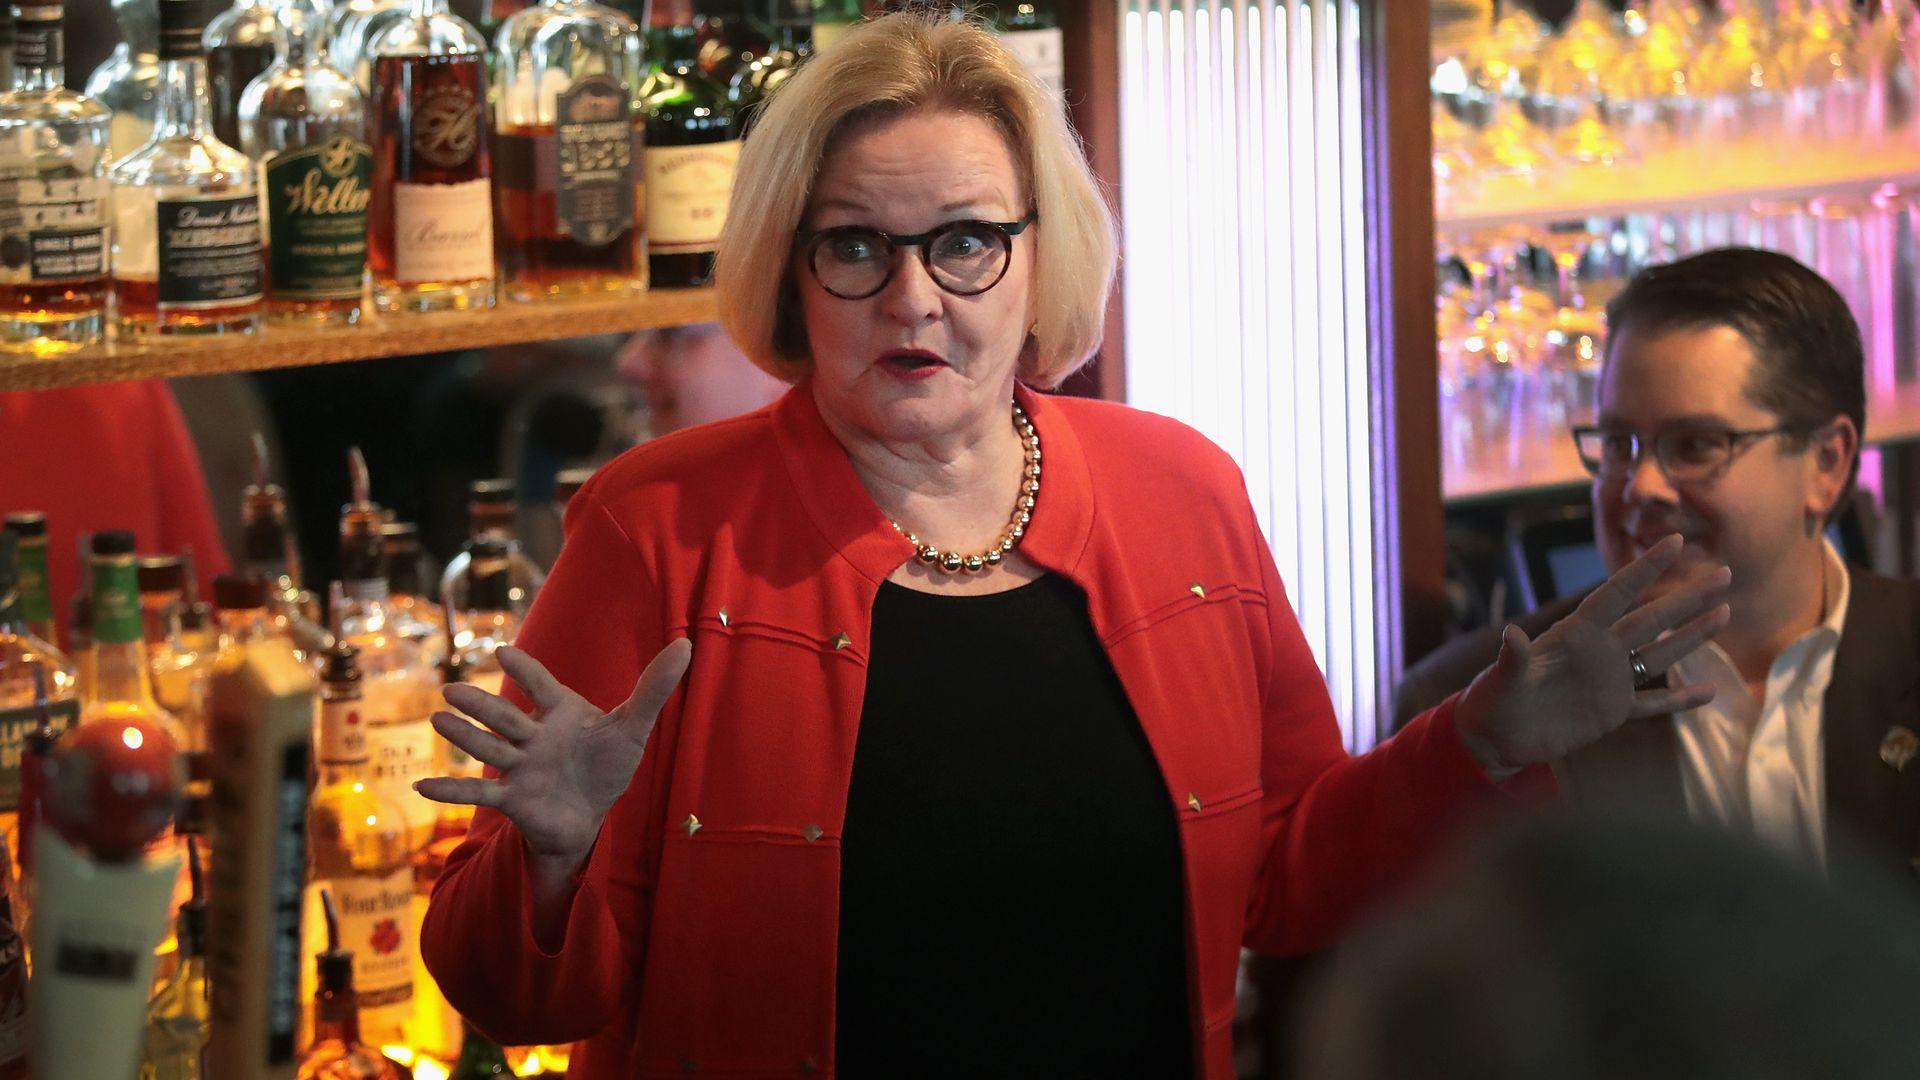 Claire McCaskill senator for missouri lost her election.